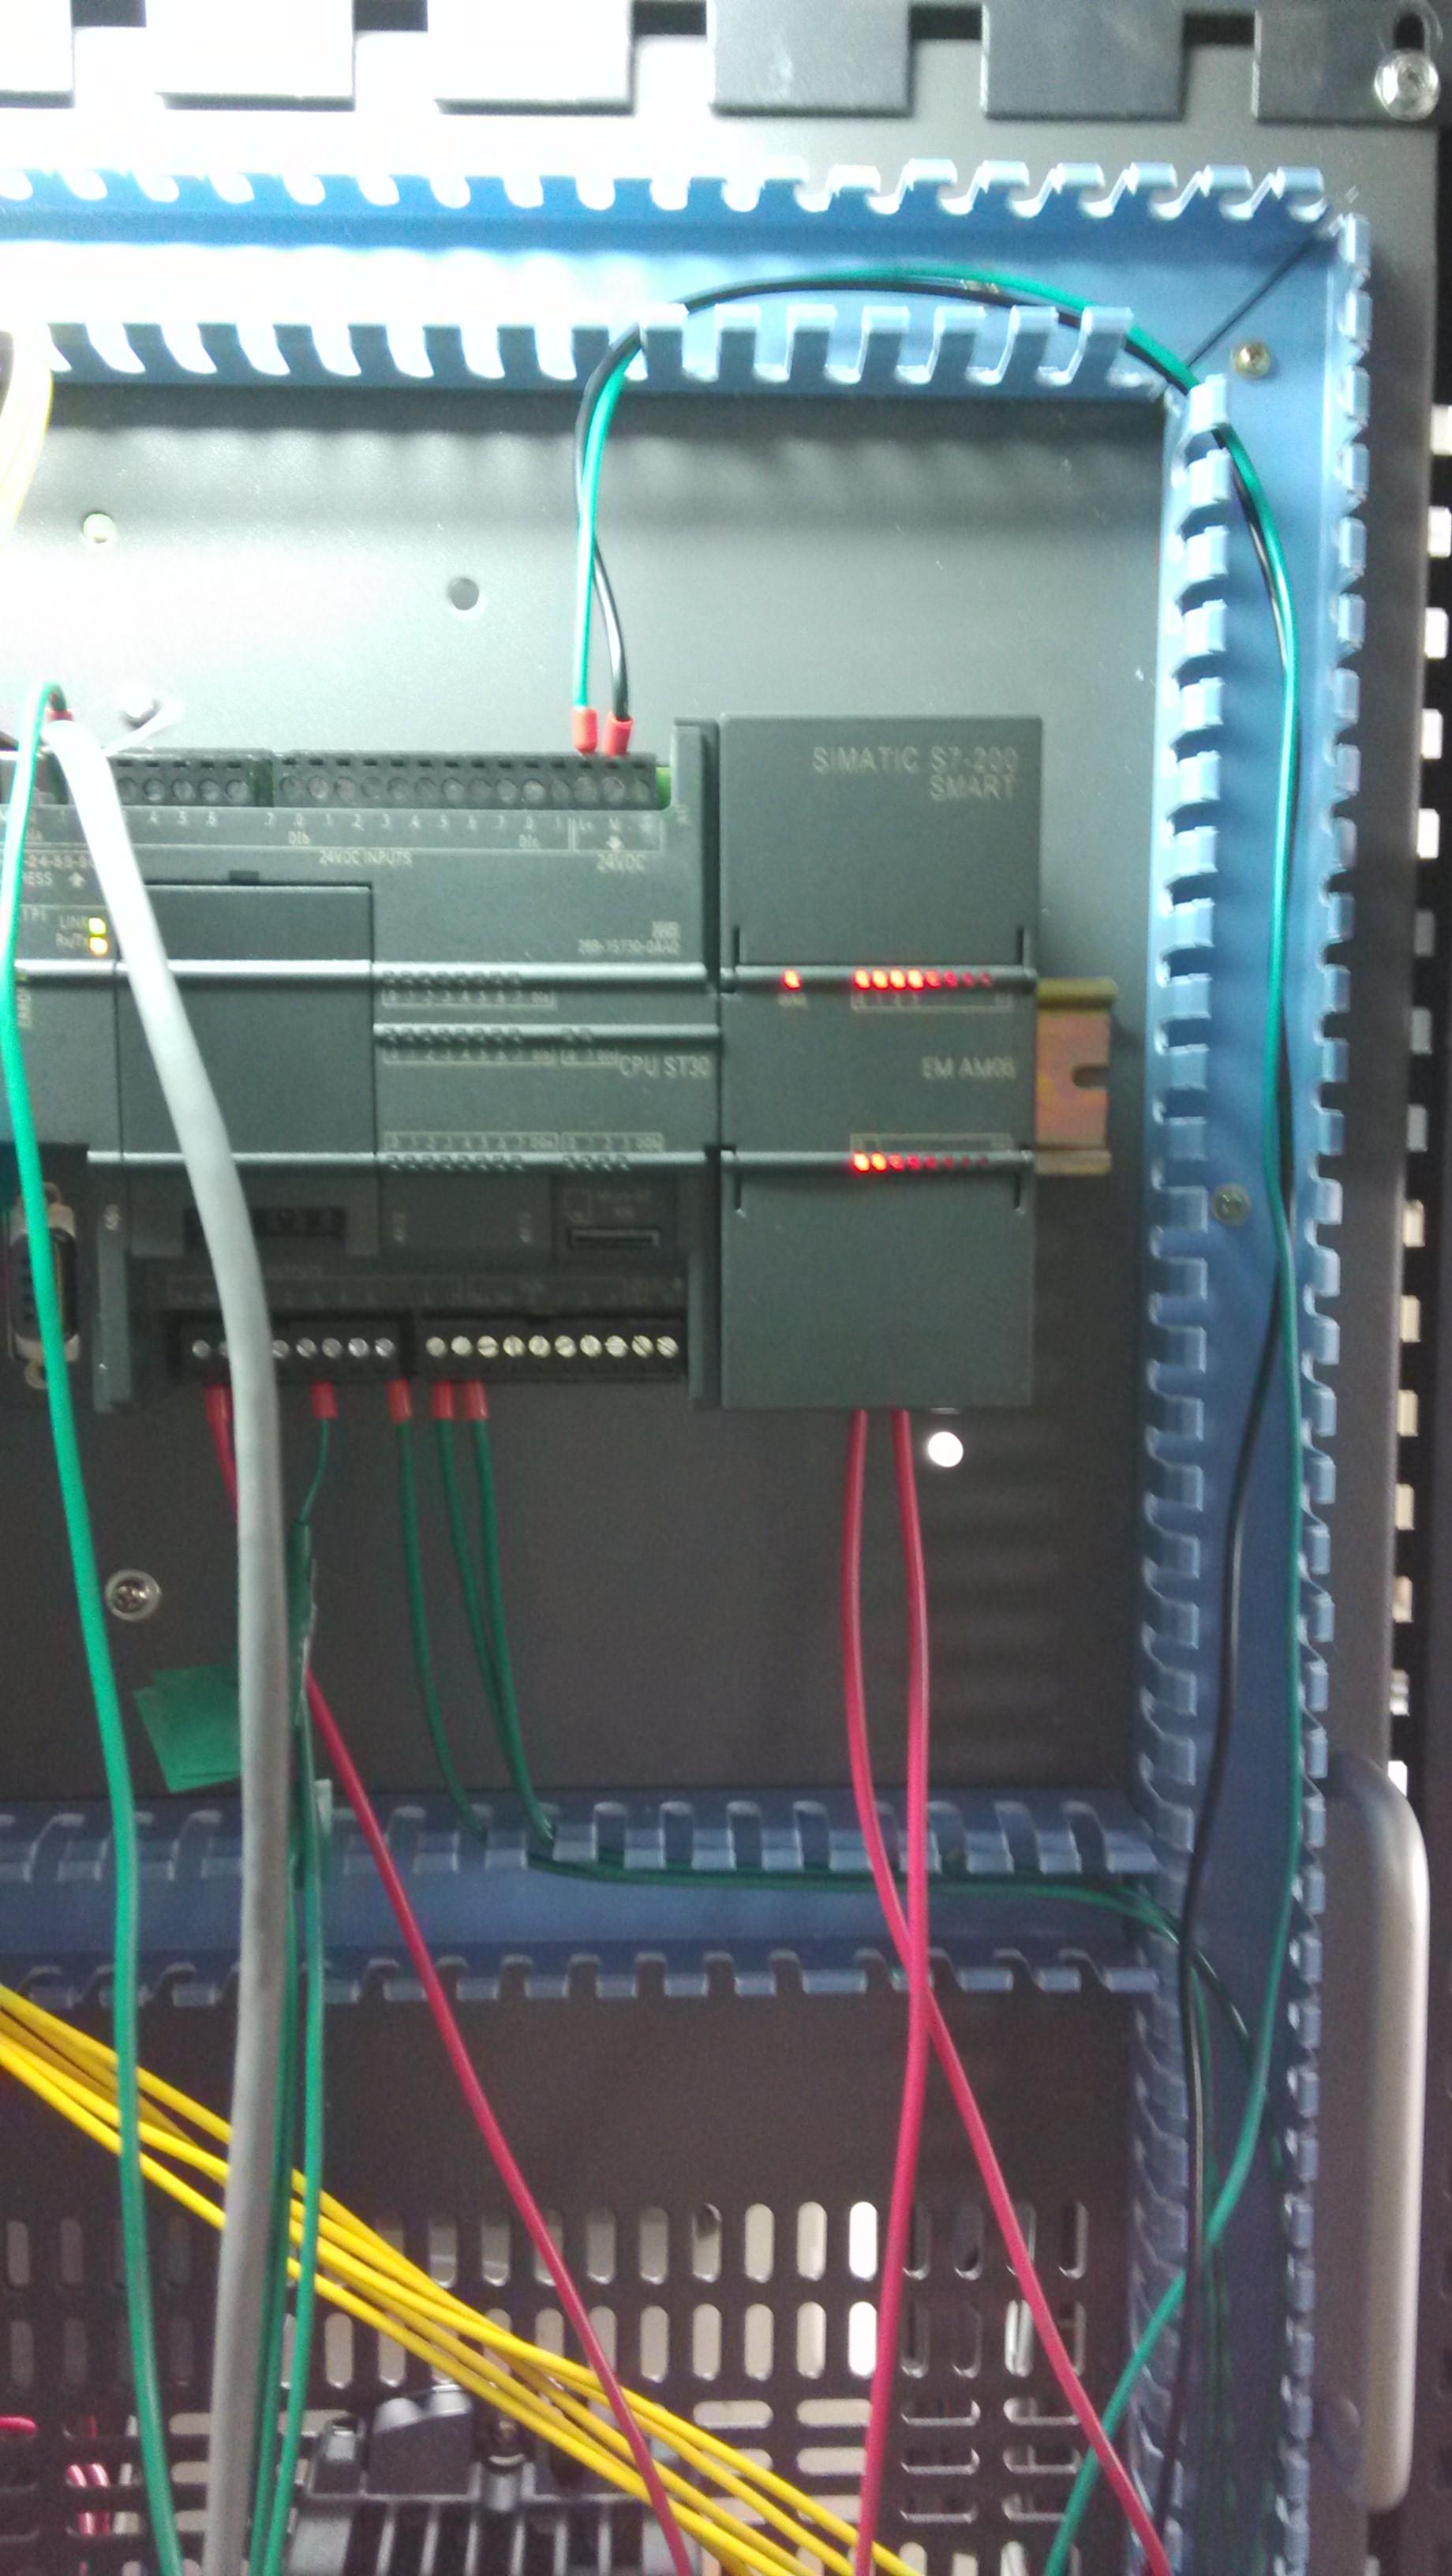 西门子S7-200SMART模块6ES7288-1CR60-0AA0